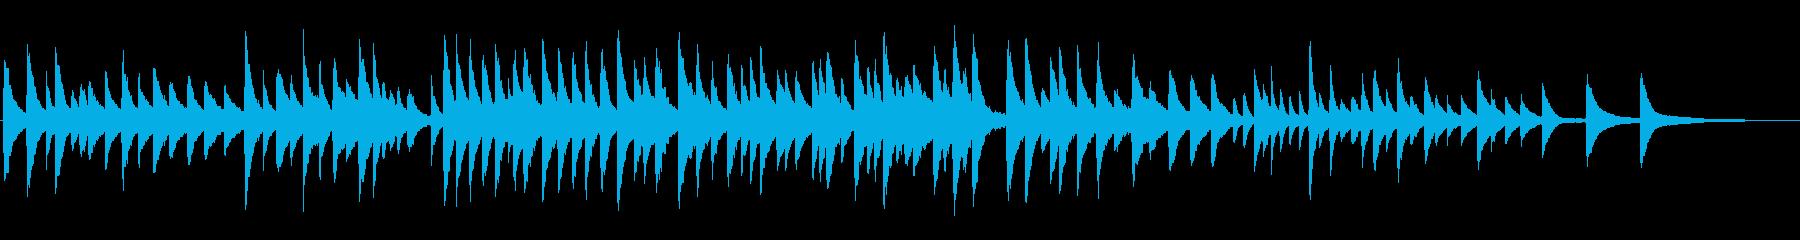 クリスマス「もろびとこぞりて」ピアノソロの再生済みの波形